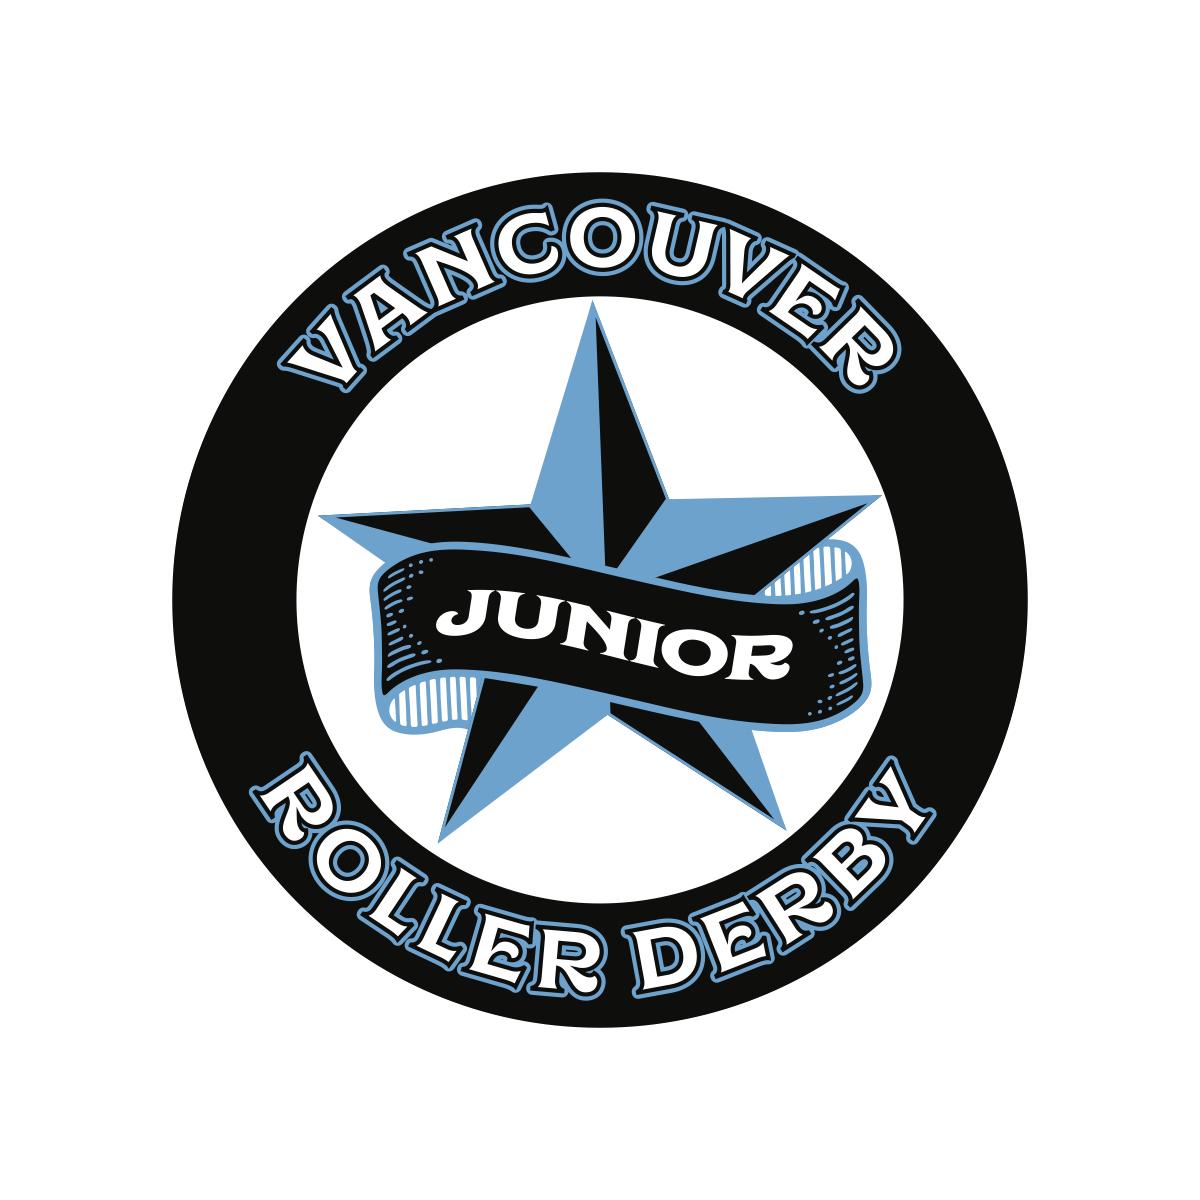 Vancouver Junior Roller Derby (VJRD)